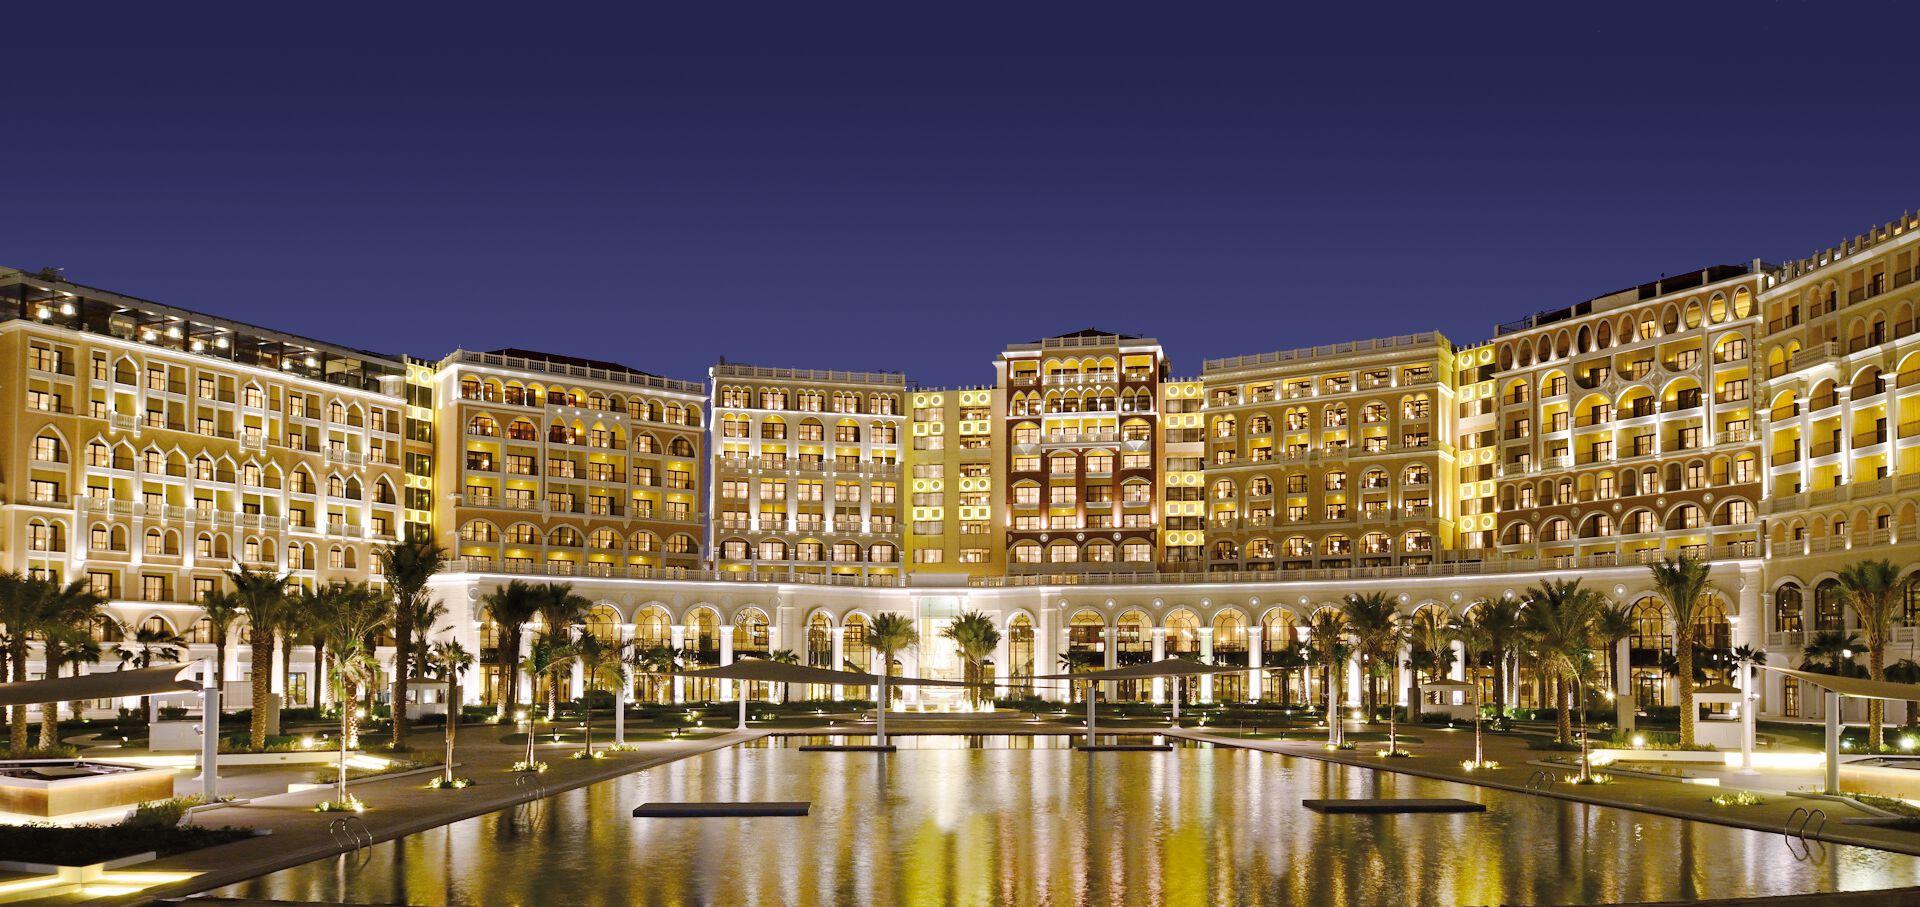 The Ritz-Carlton Abu Dhabi, Grand Canal - 5*